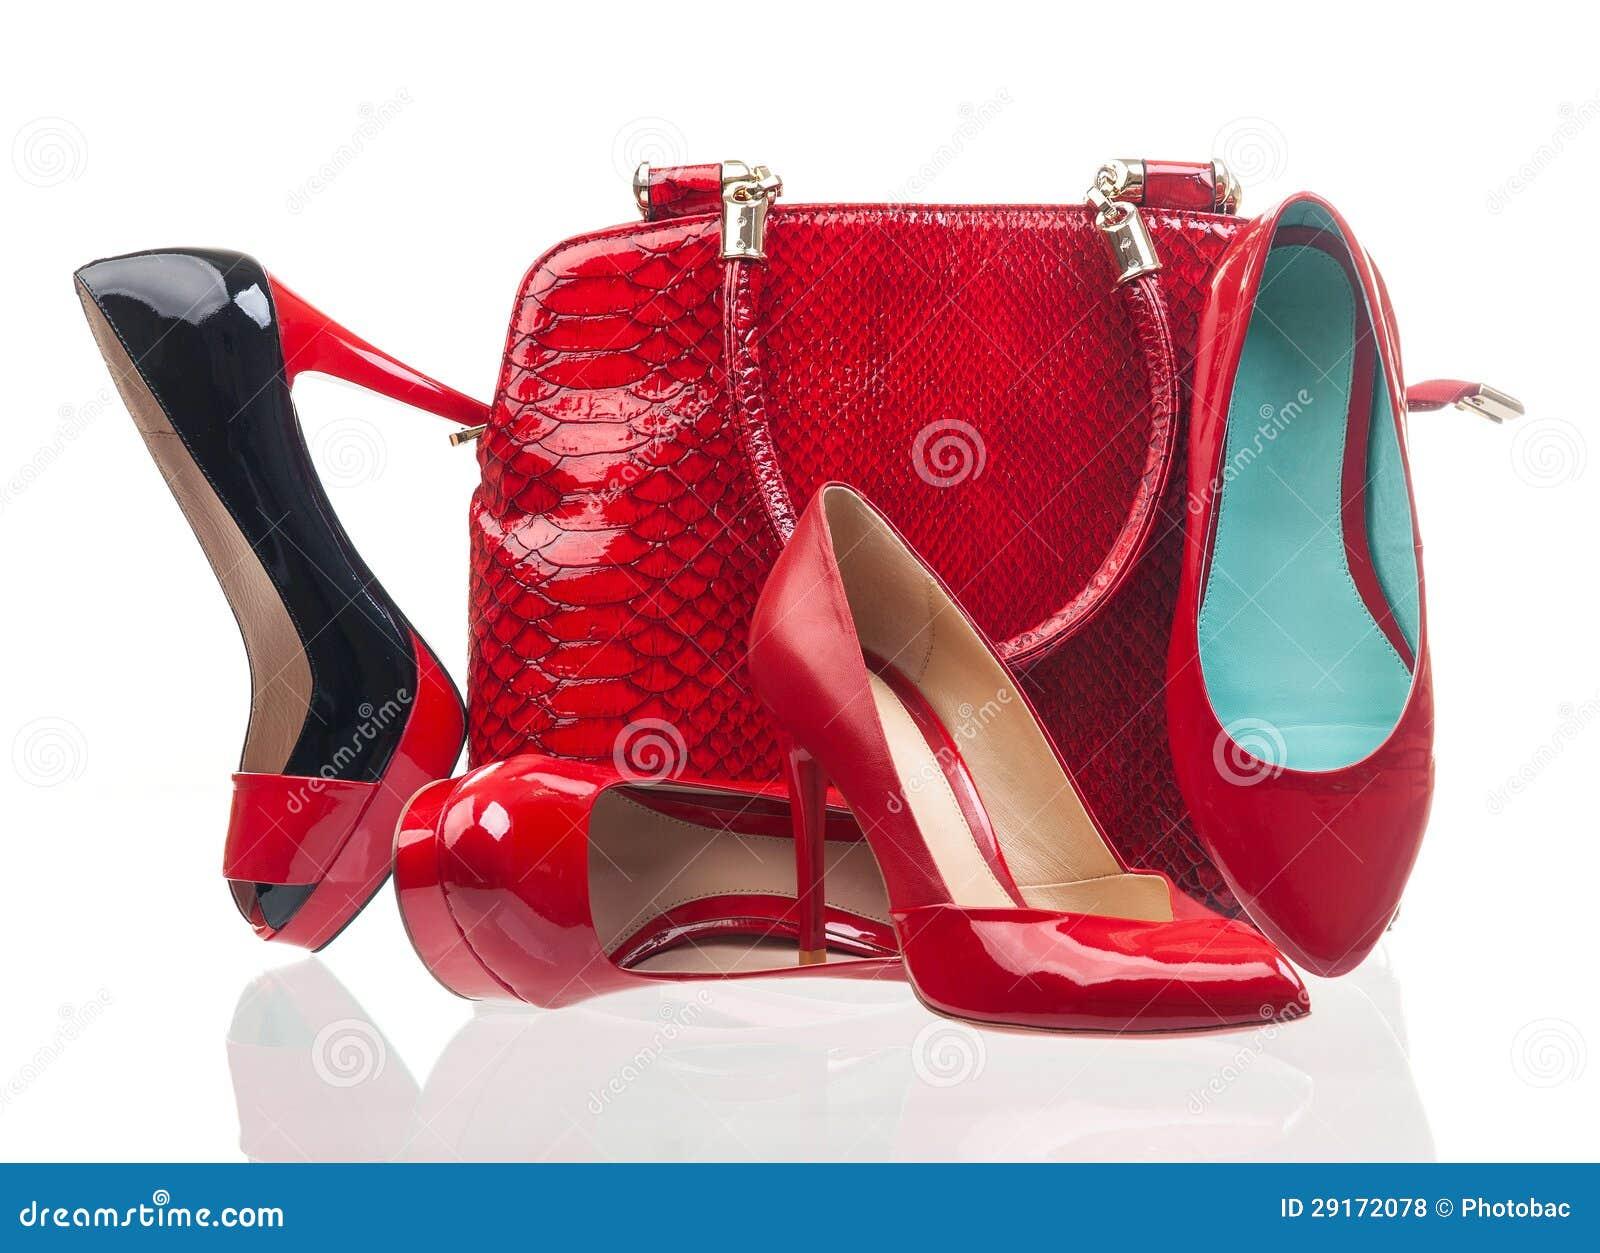 Rote Modefrauenschuhe und -handtasche über Weiß